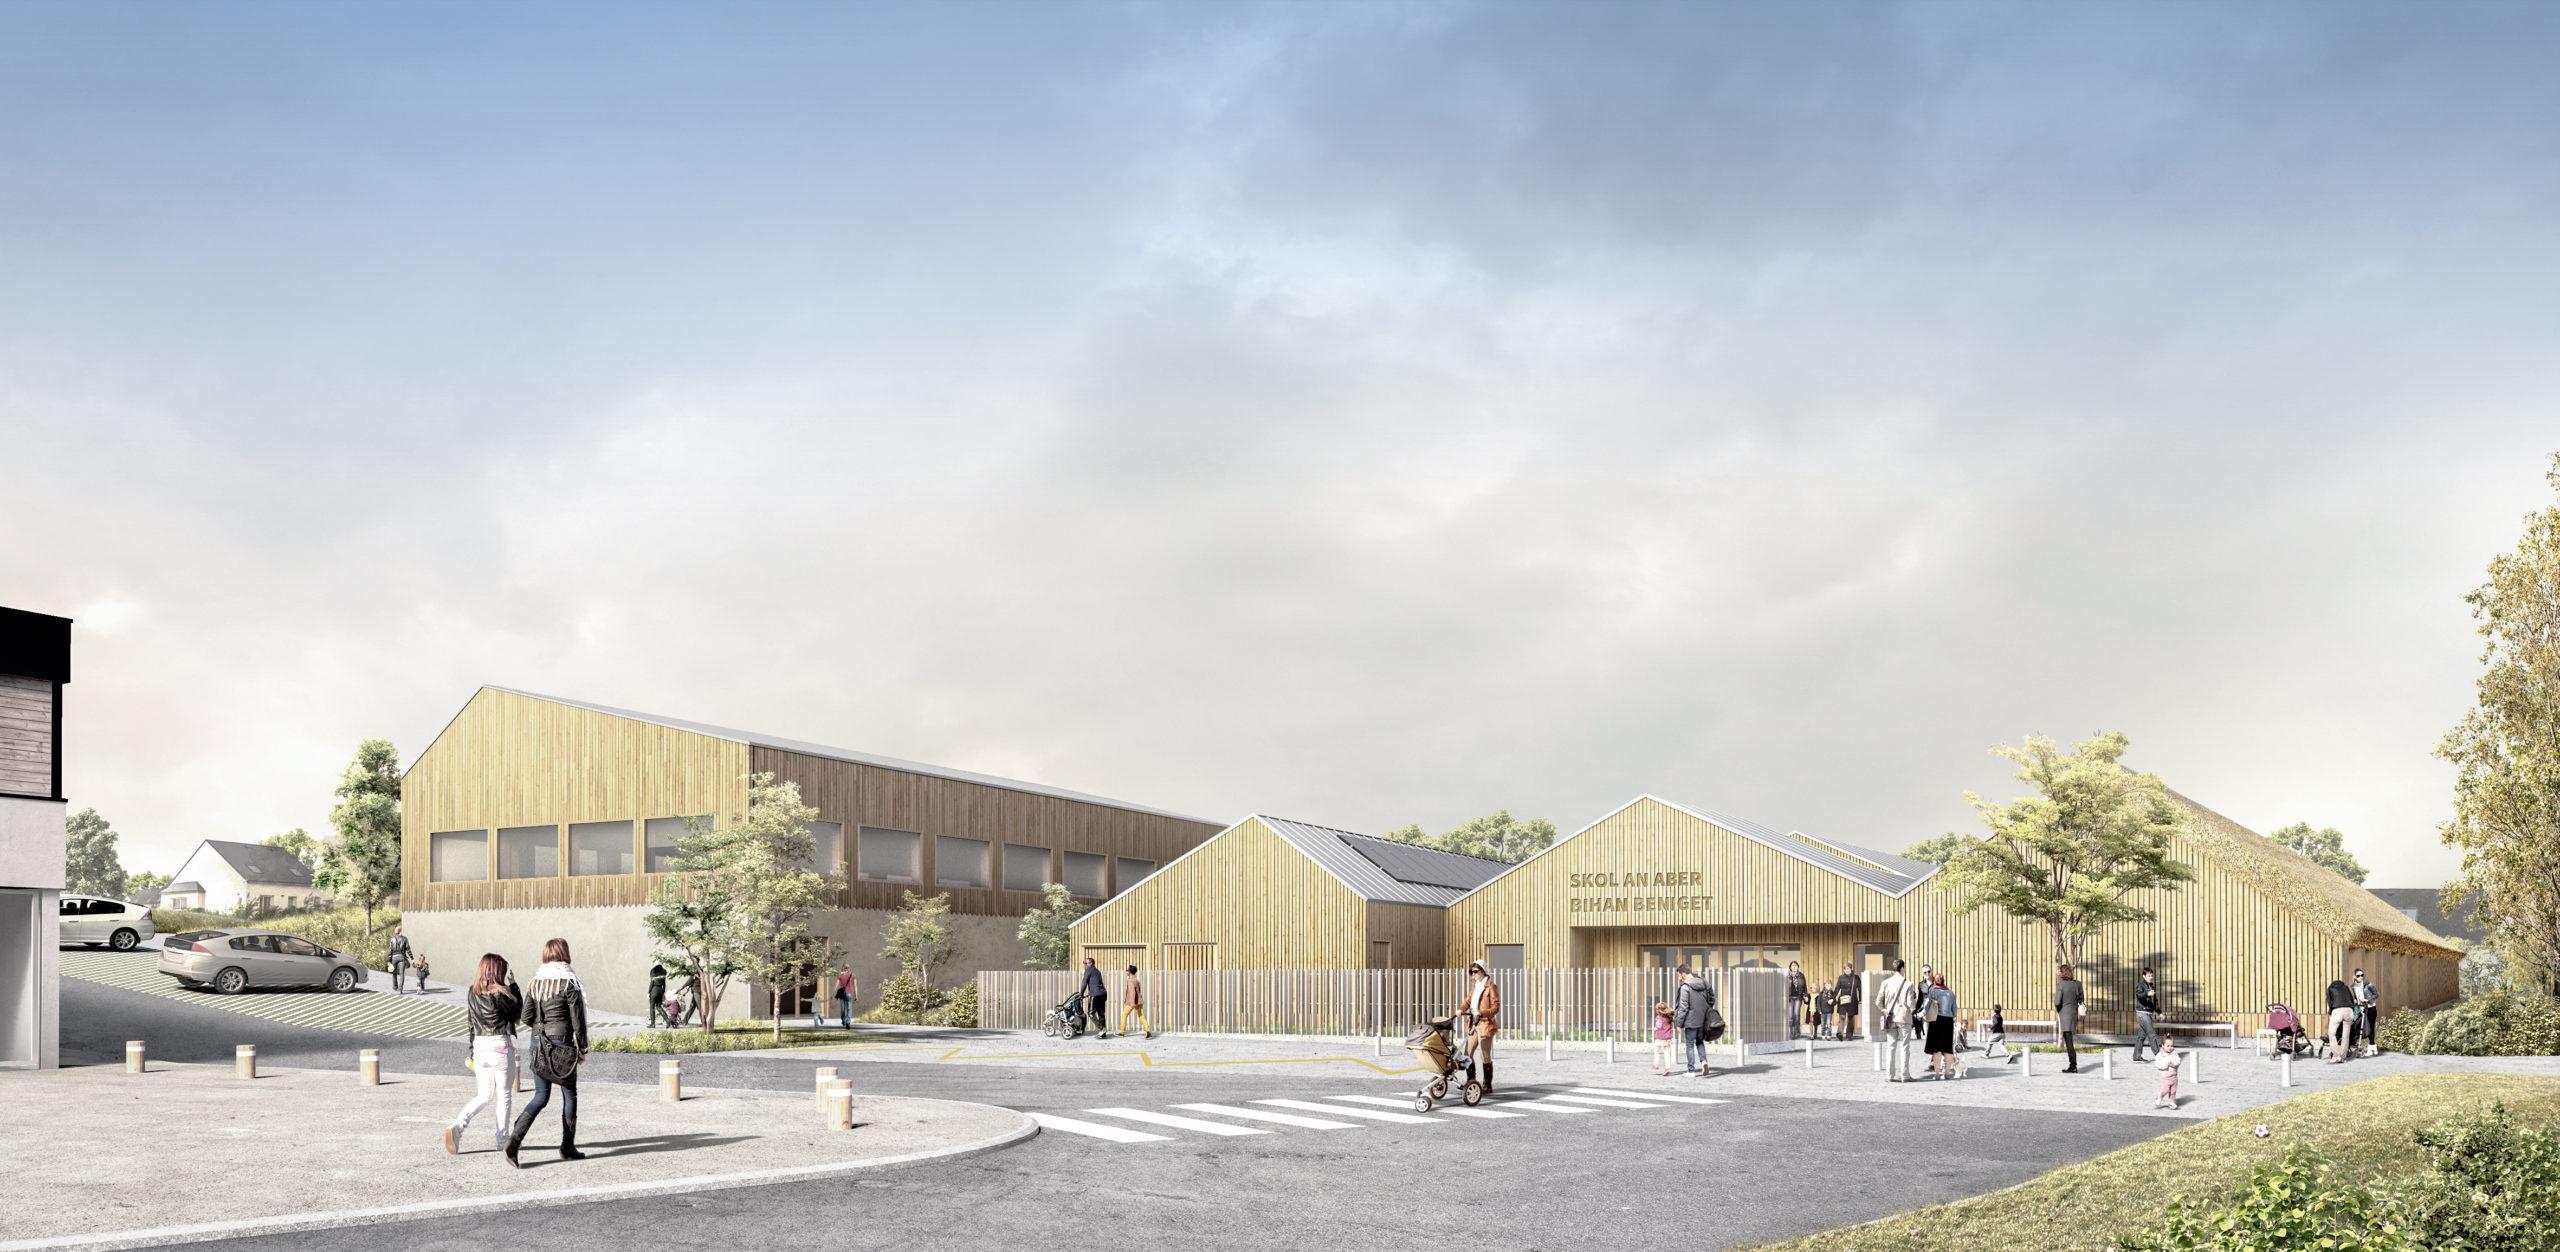 École innovante et densification: Saint Pabu réinvente son cœur avec BMa